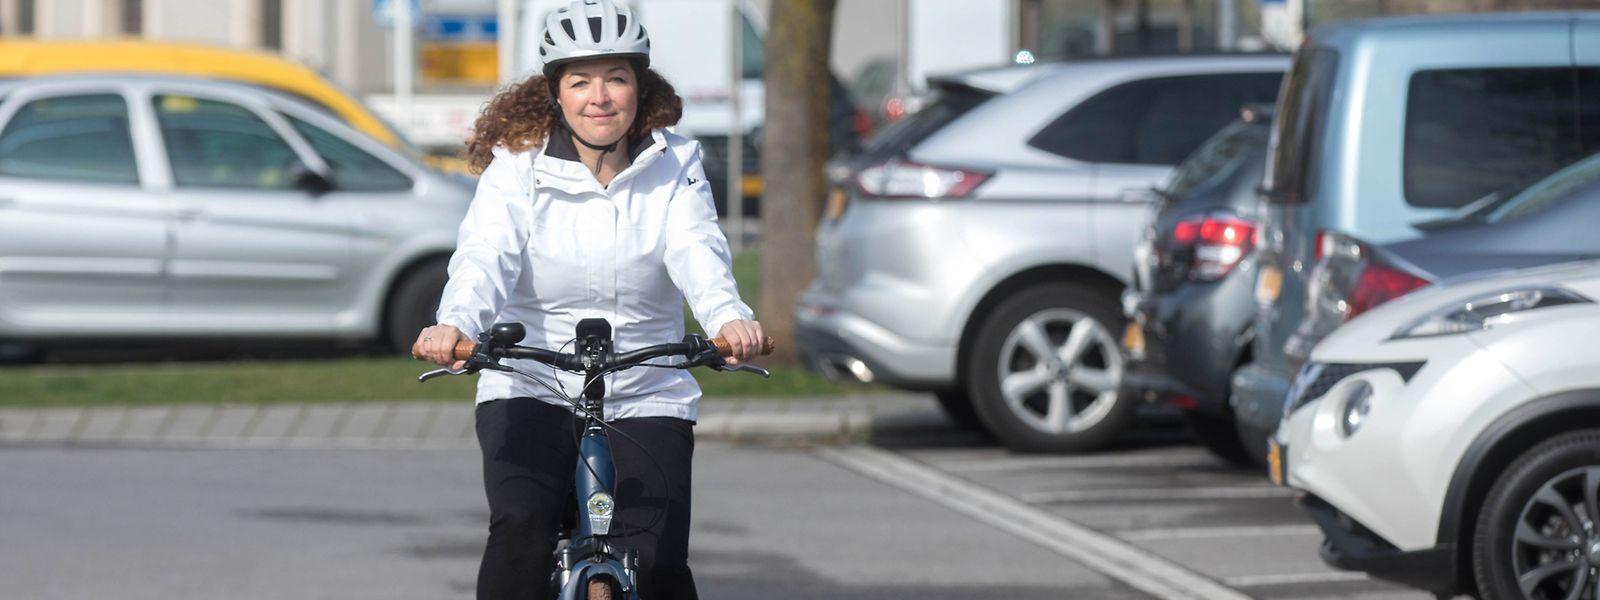 Stéphanie Sorvillo fährt meist mit dem Pedelec zur Arbeit. Sie wünscht sich bessere – sichtbare und sichere – Radverbindungen, gerade zwischen der Hauptstadt und den Randgemeinden.